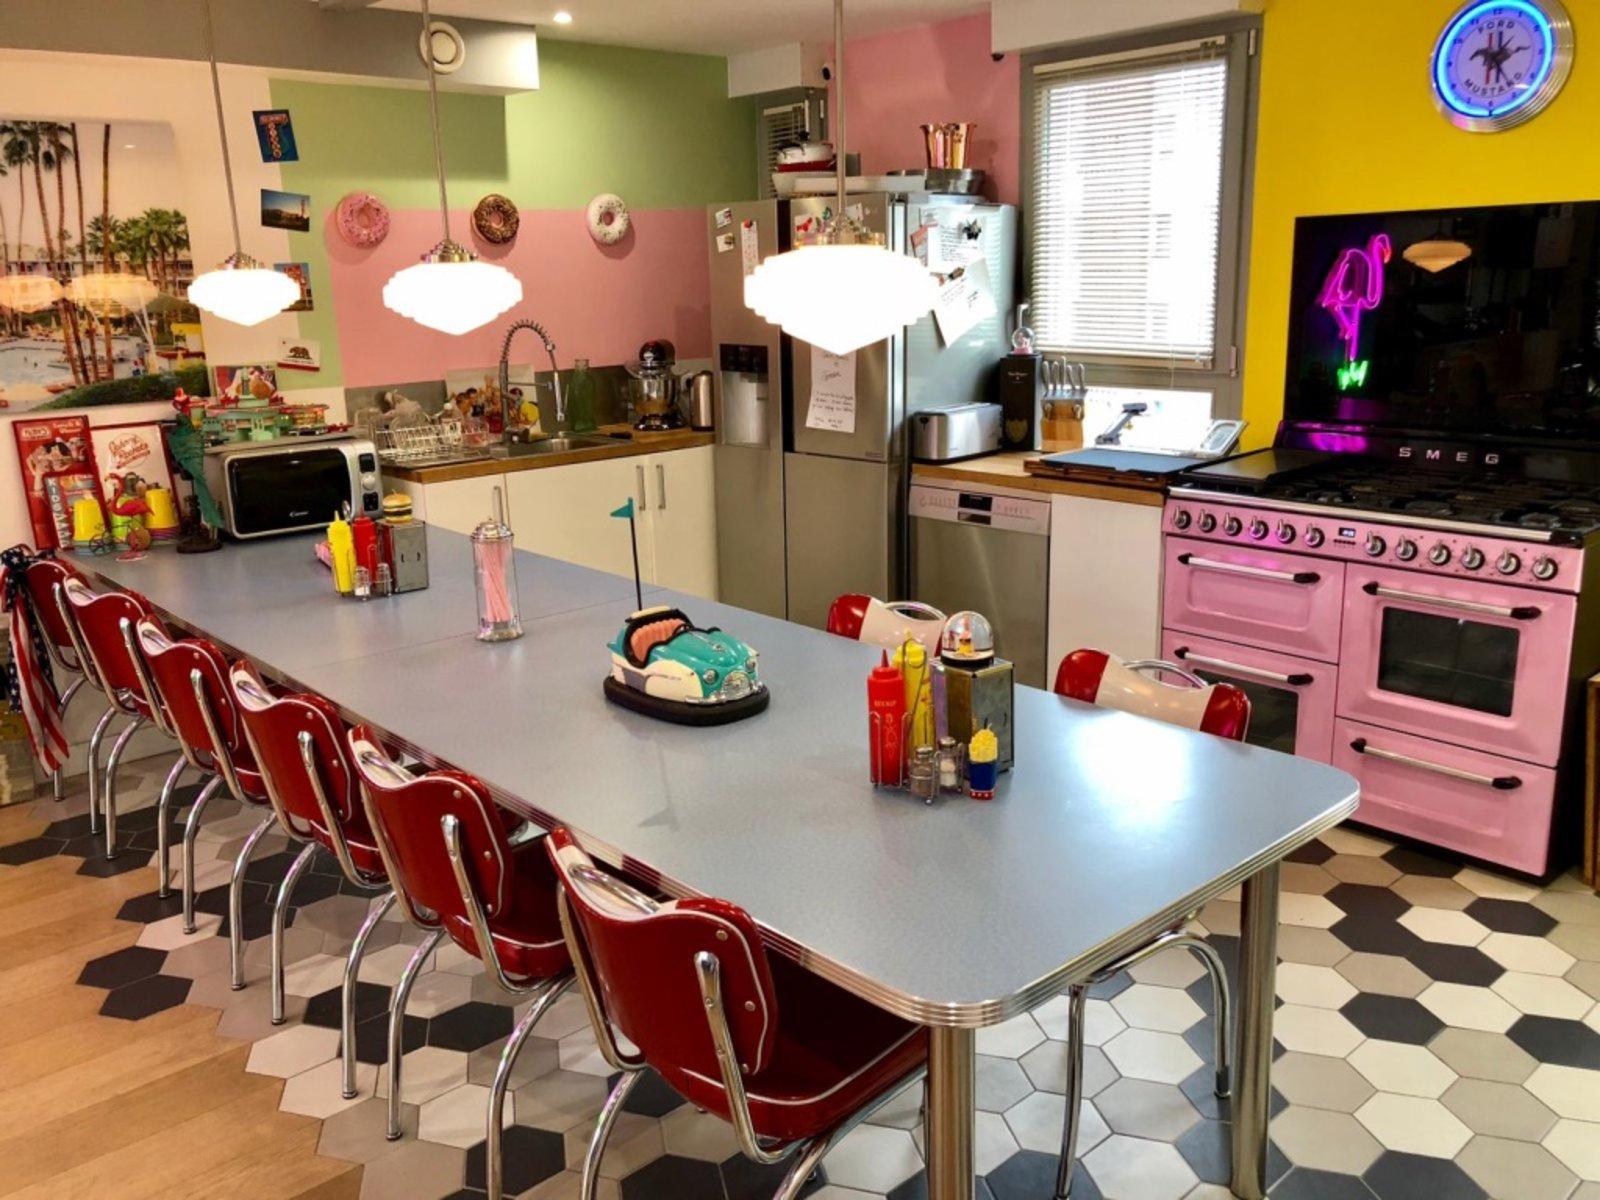 Cuisine au style vintage, coloré de rose, jaune et bordeaux. une longue table y est placé au centre. Il y a un four vintage rose pâle avec plaques de cuissons.